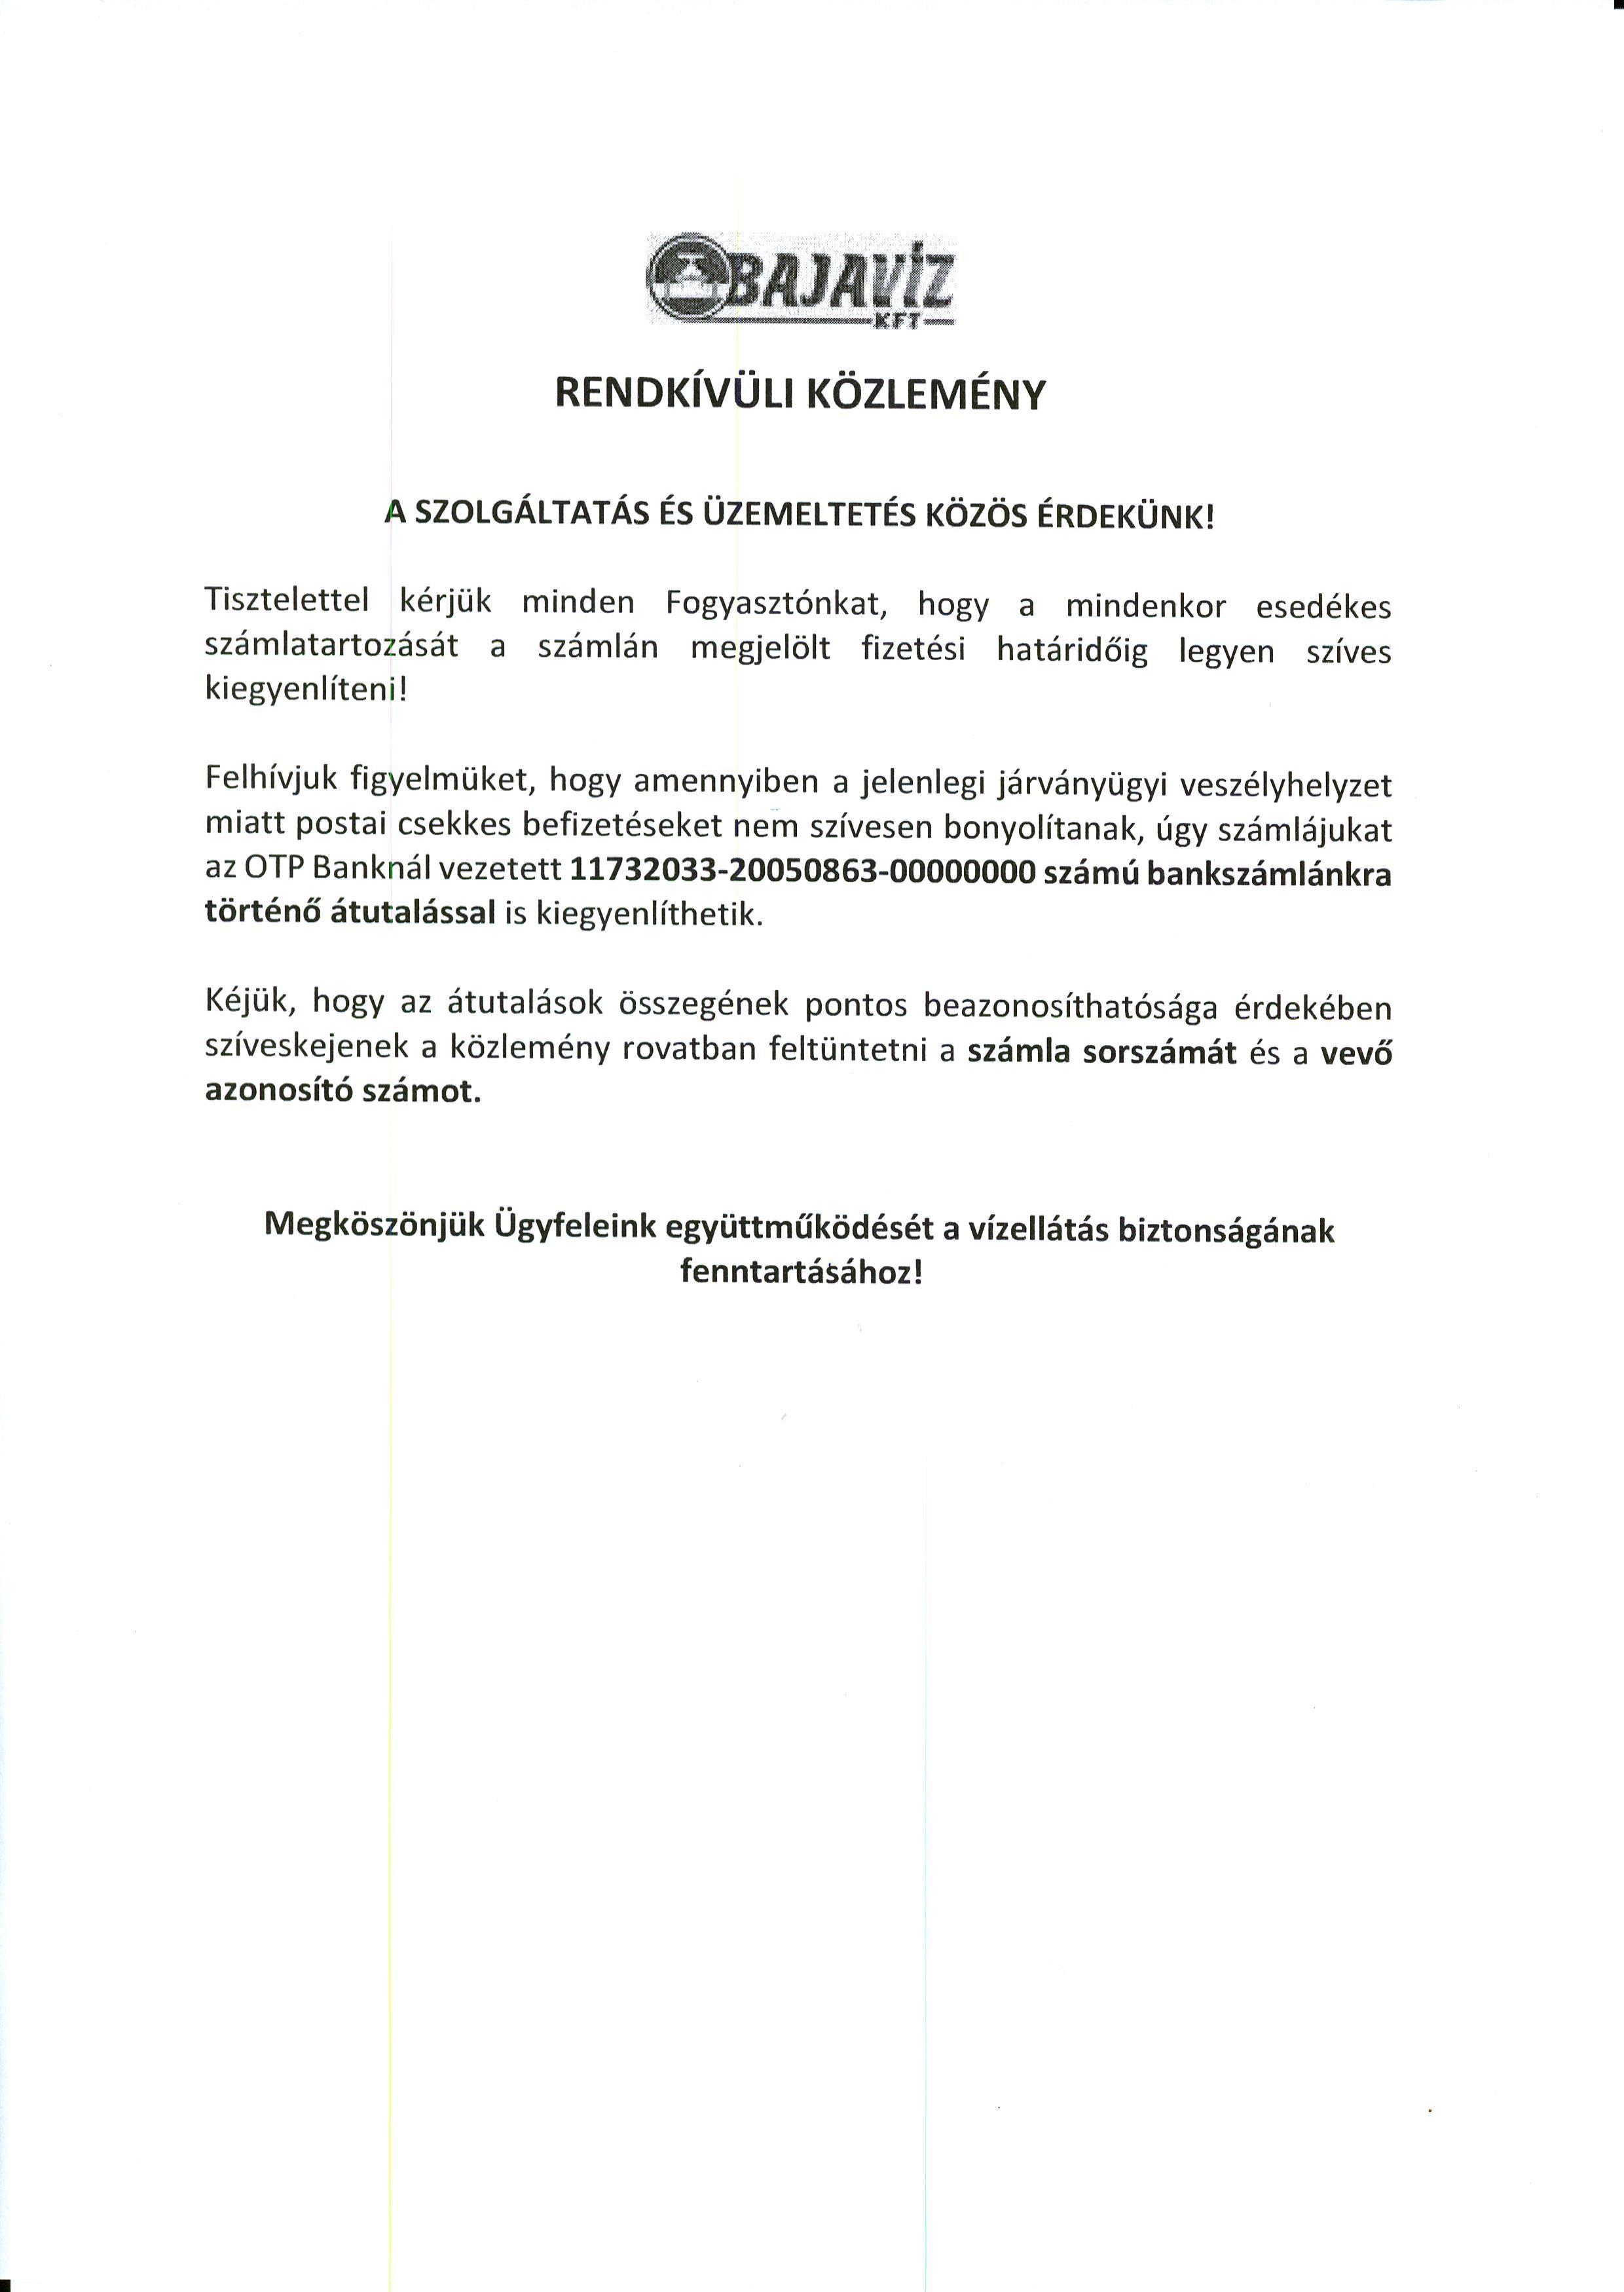 Bajavíz Kft. Rendkívüli Közleménye